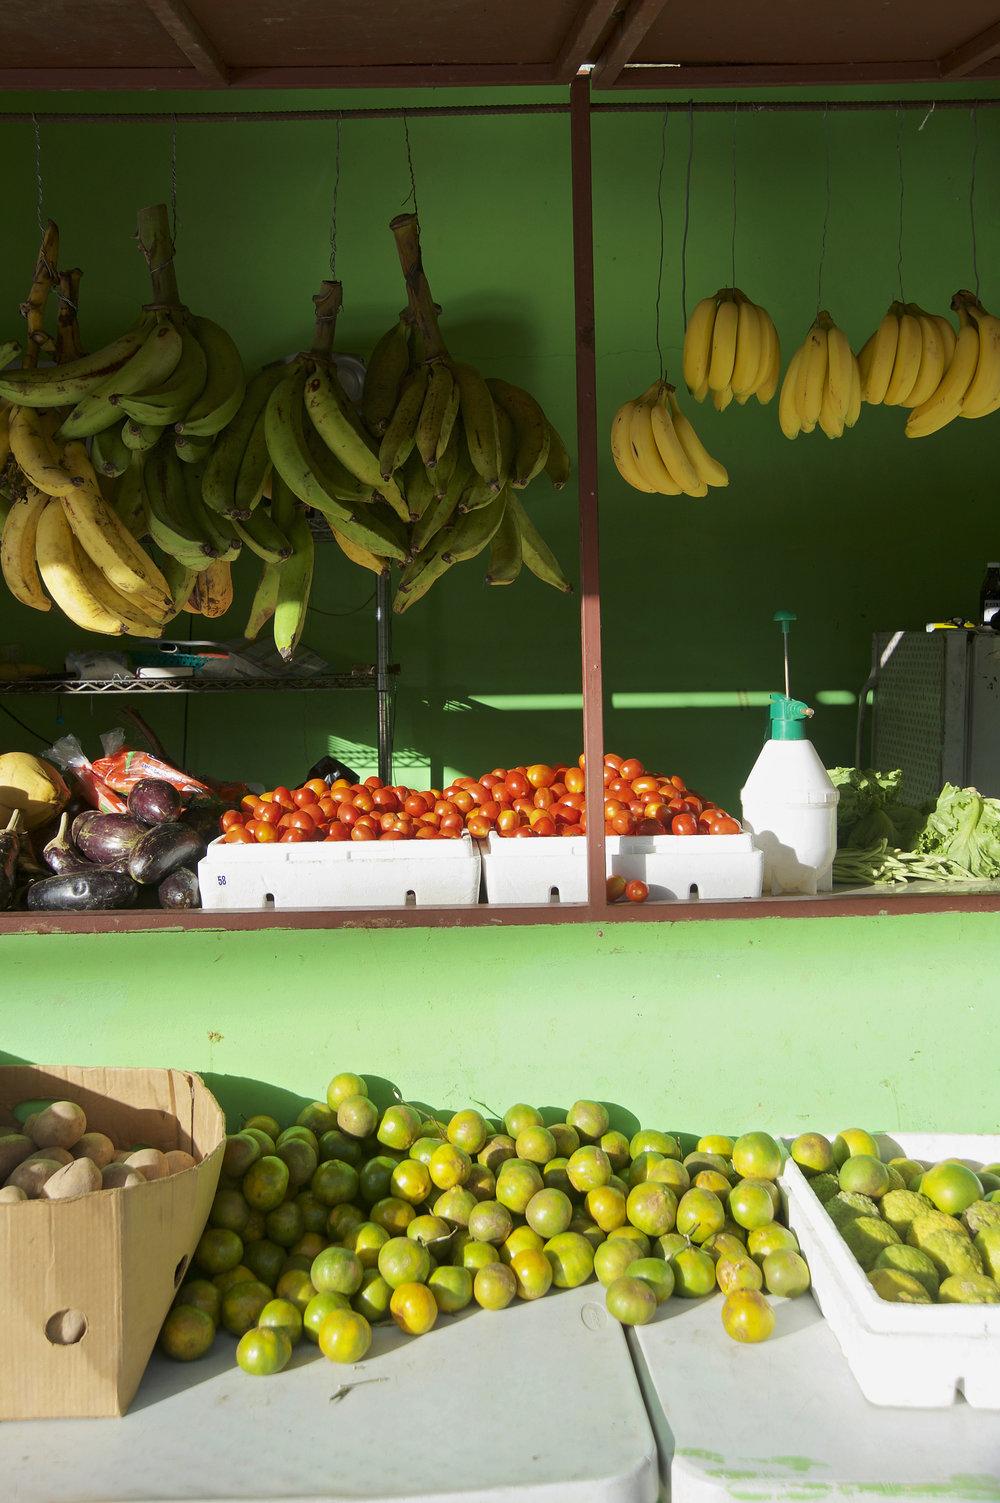 Bananen_DSC4902.jpg